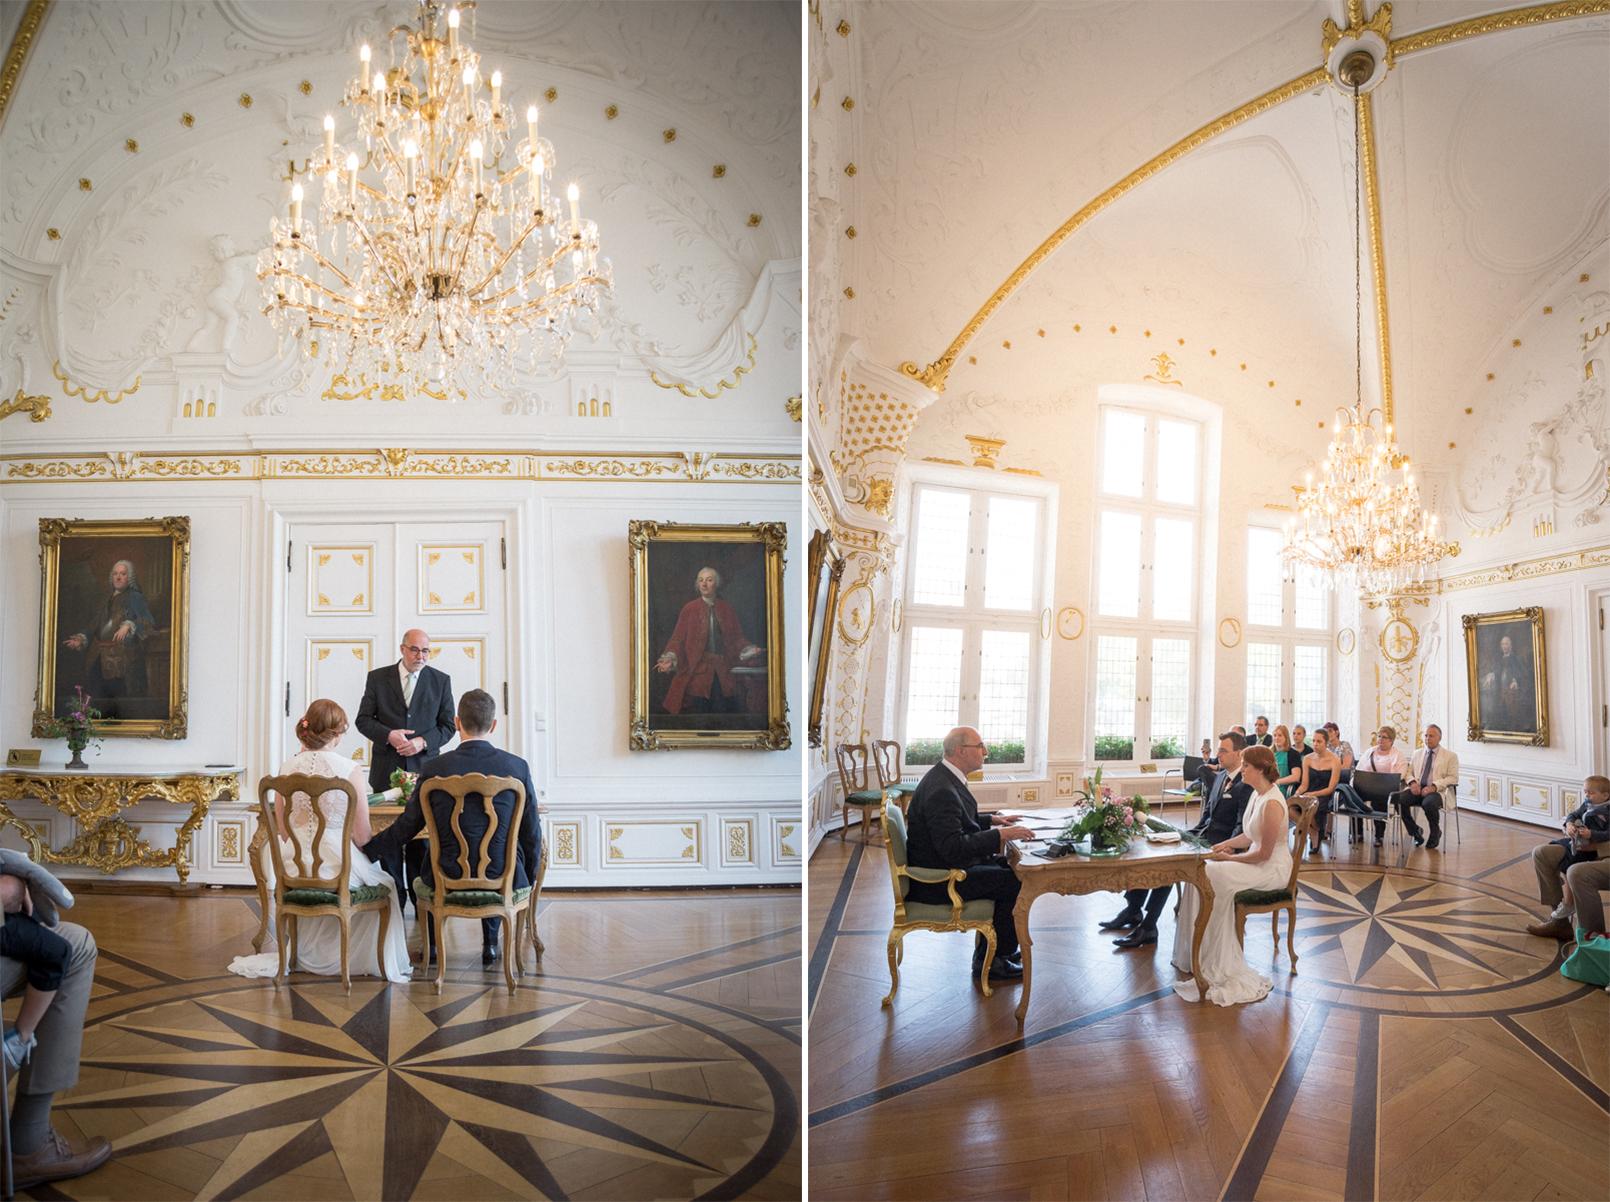 Hochzeitsfotograf-Aachen-Vaalsbroek-Fotografie-0009b